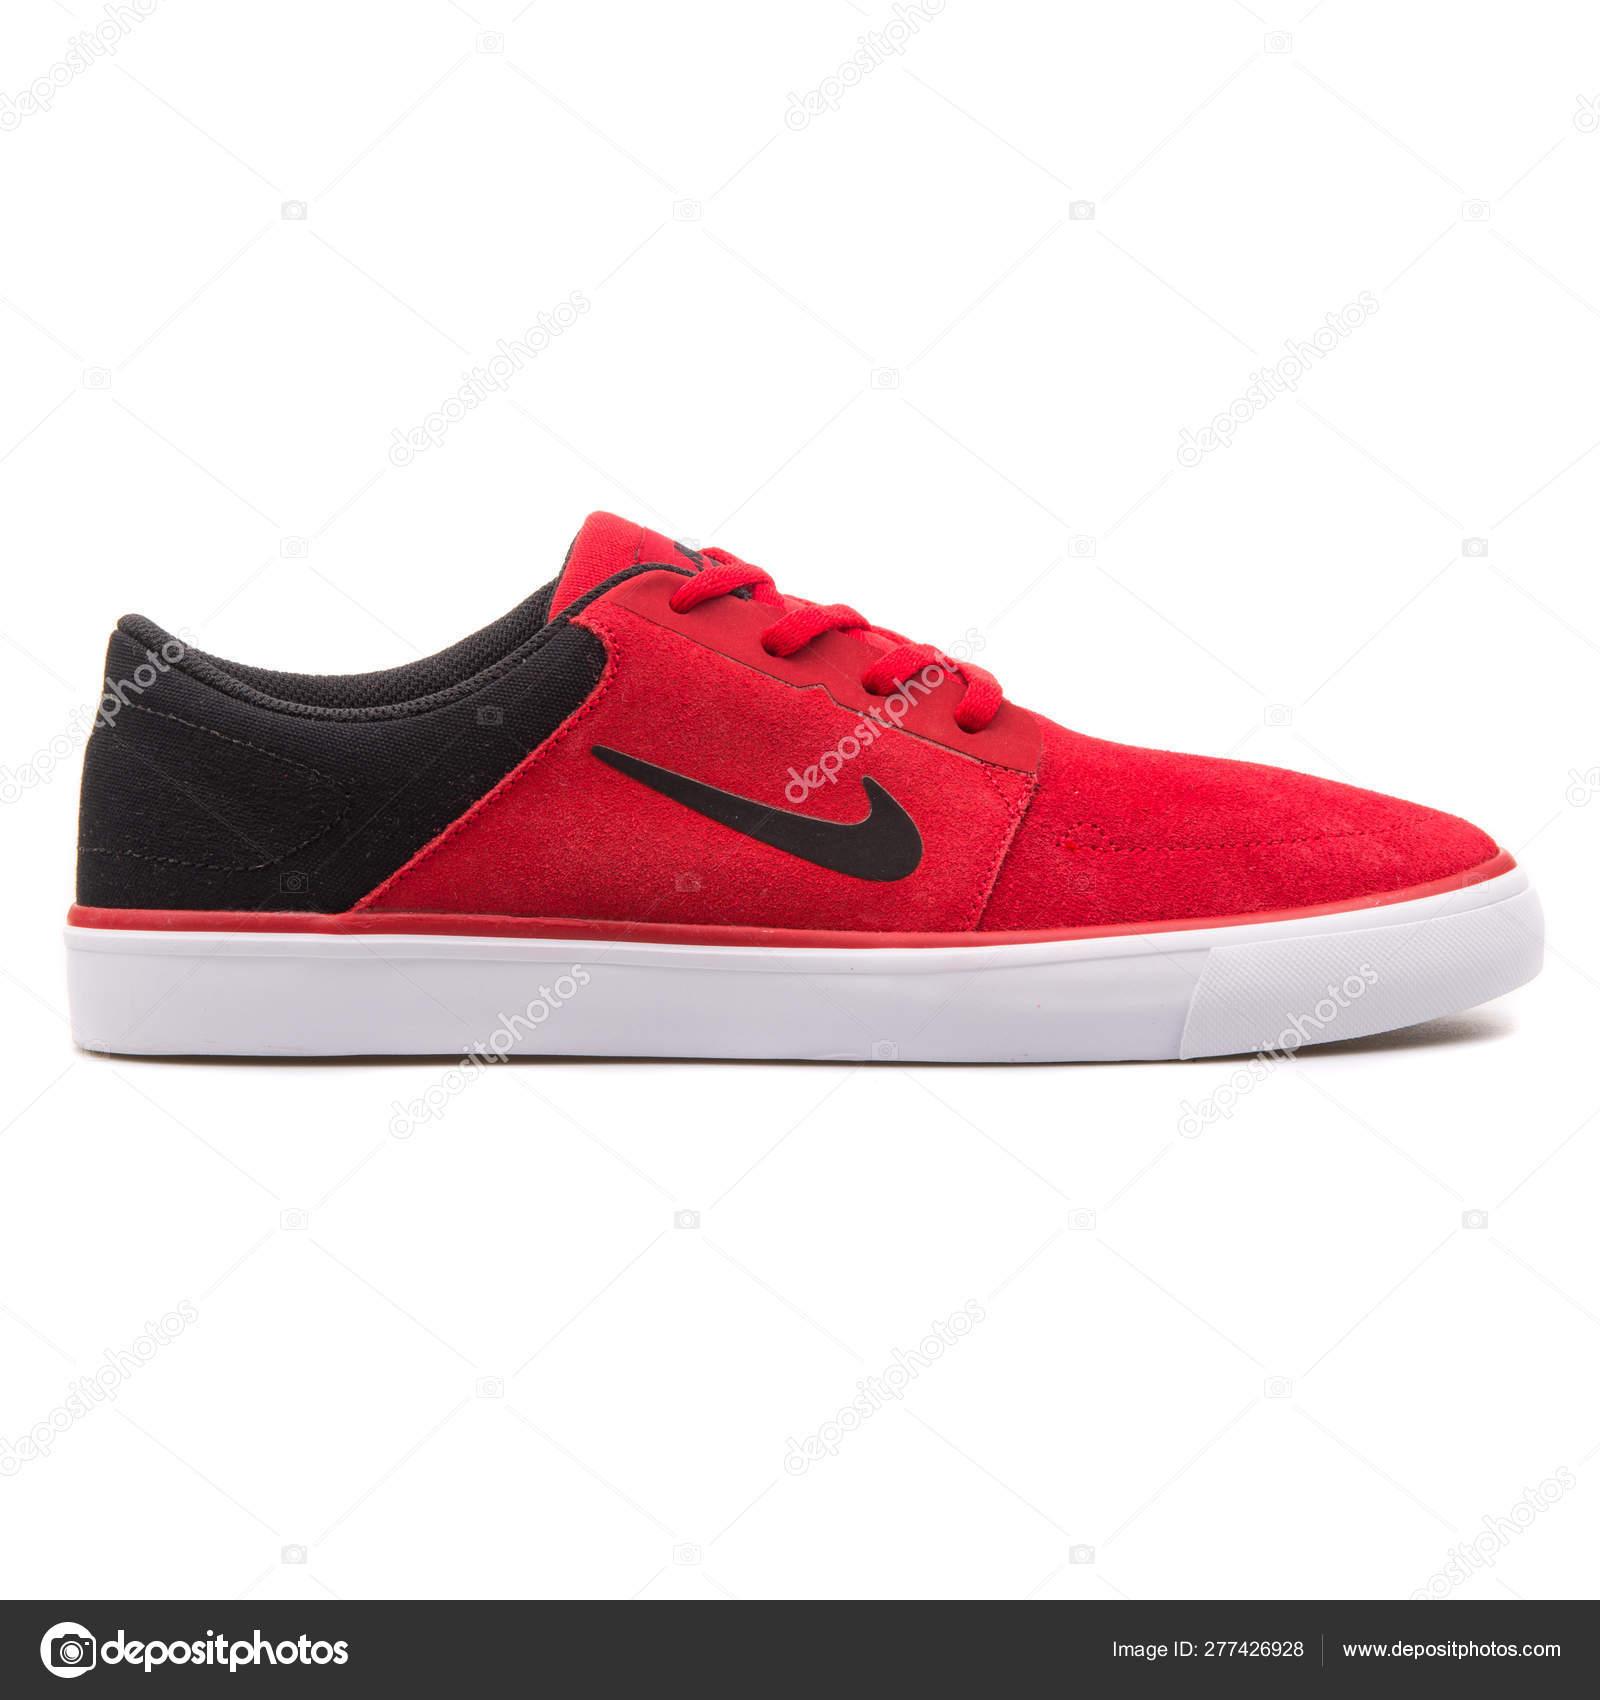 zapatillas nike negras y rojas